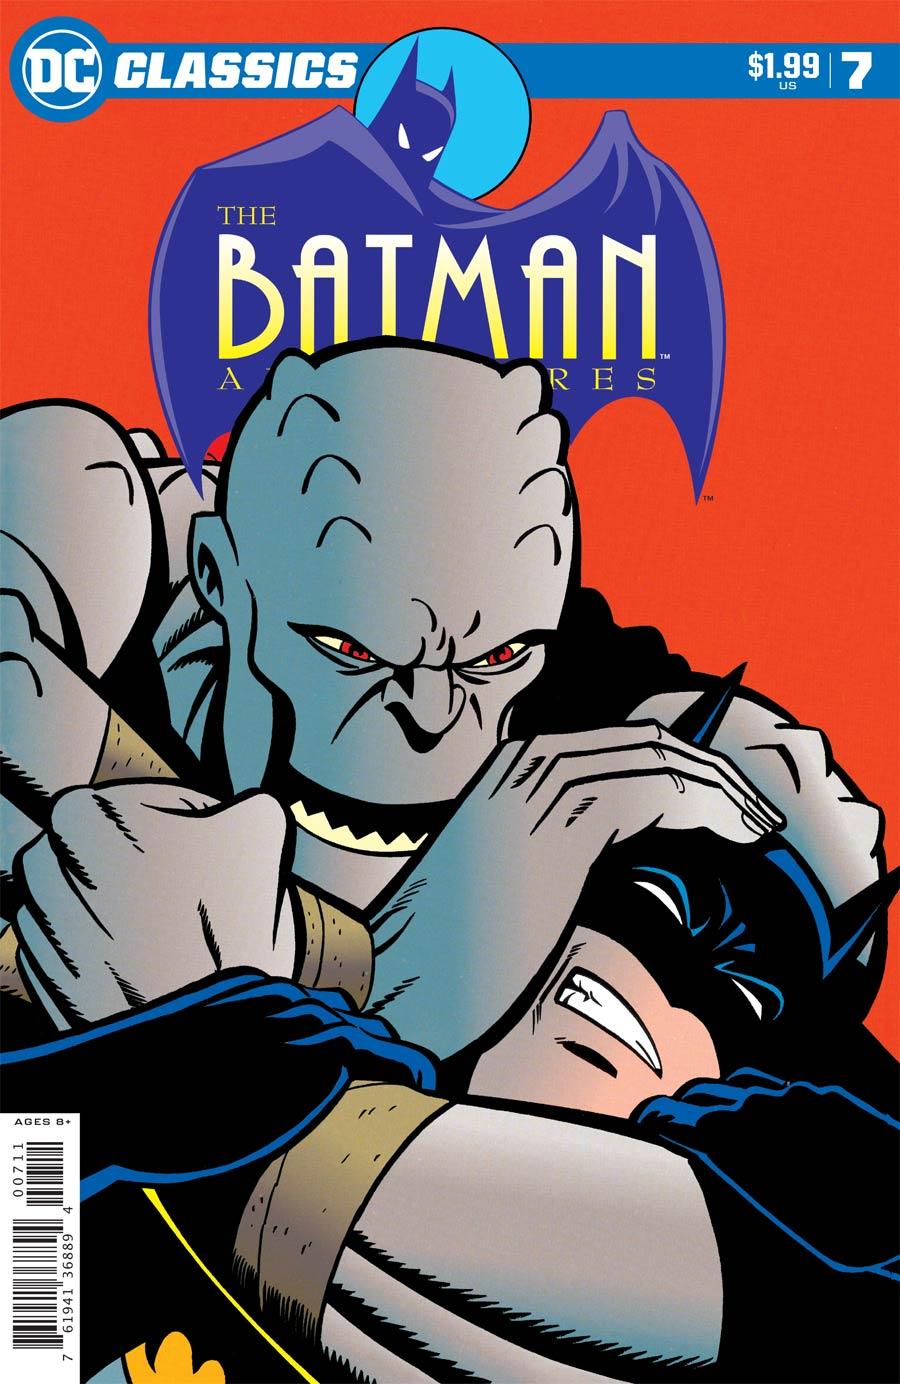 DC Classics: Batman Adventures #7